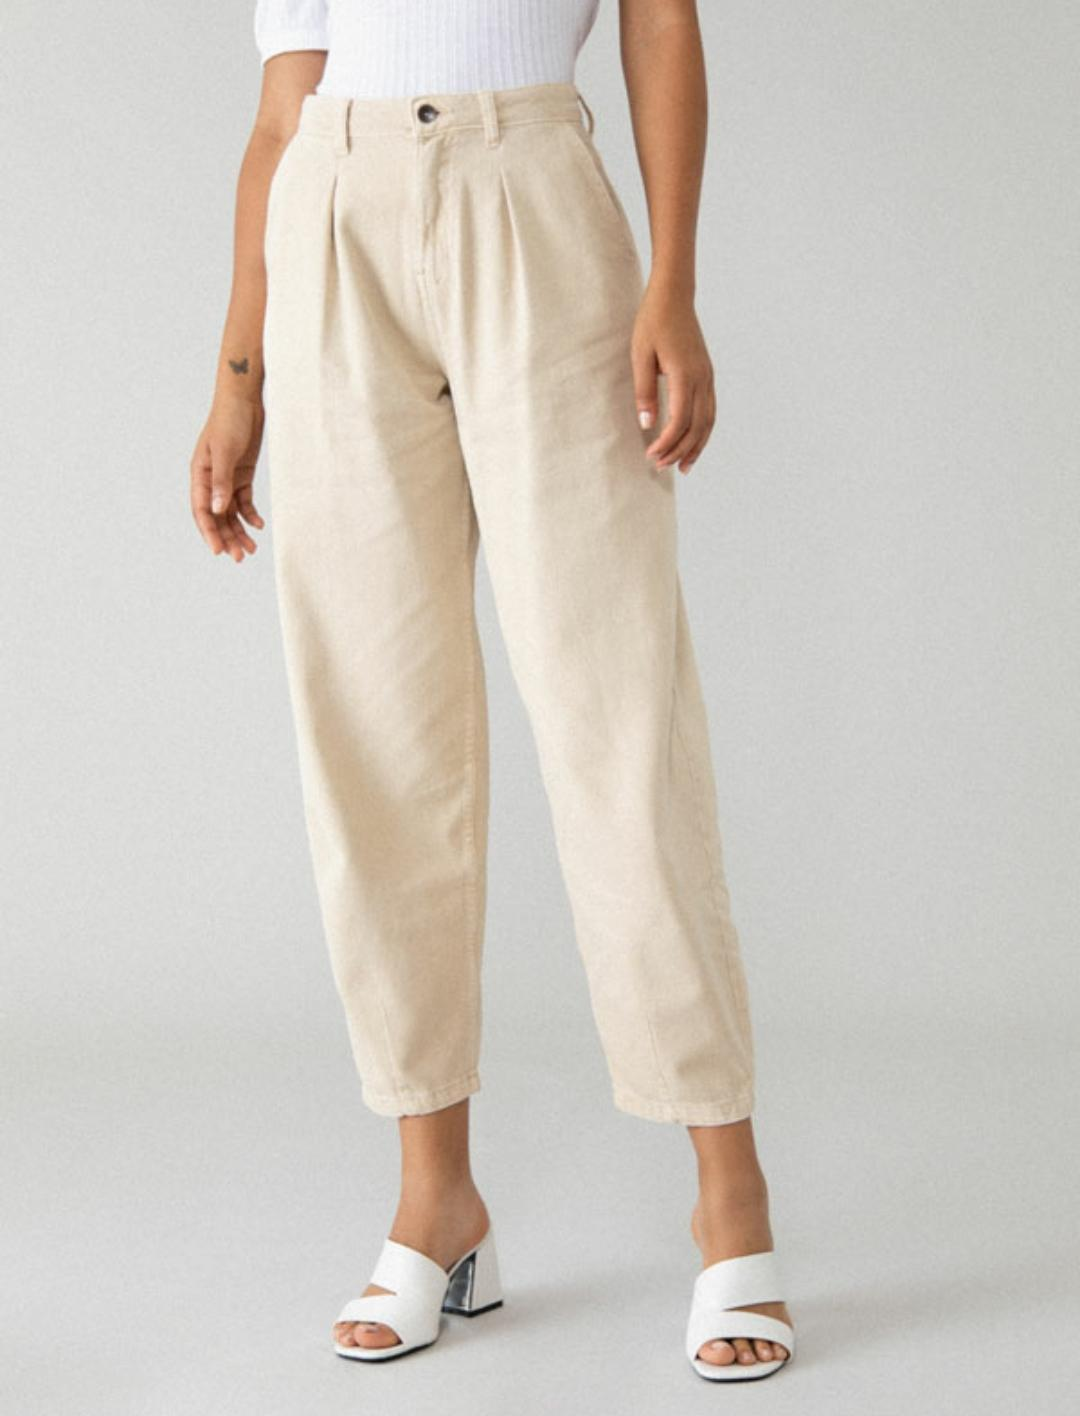 Pantalón vaquero slouchy de tiro alto en color beige (17'99€)